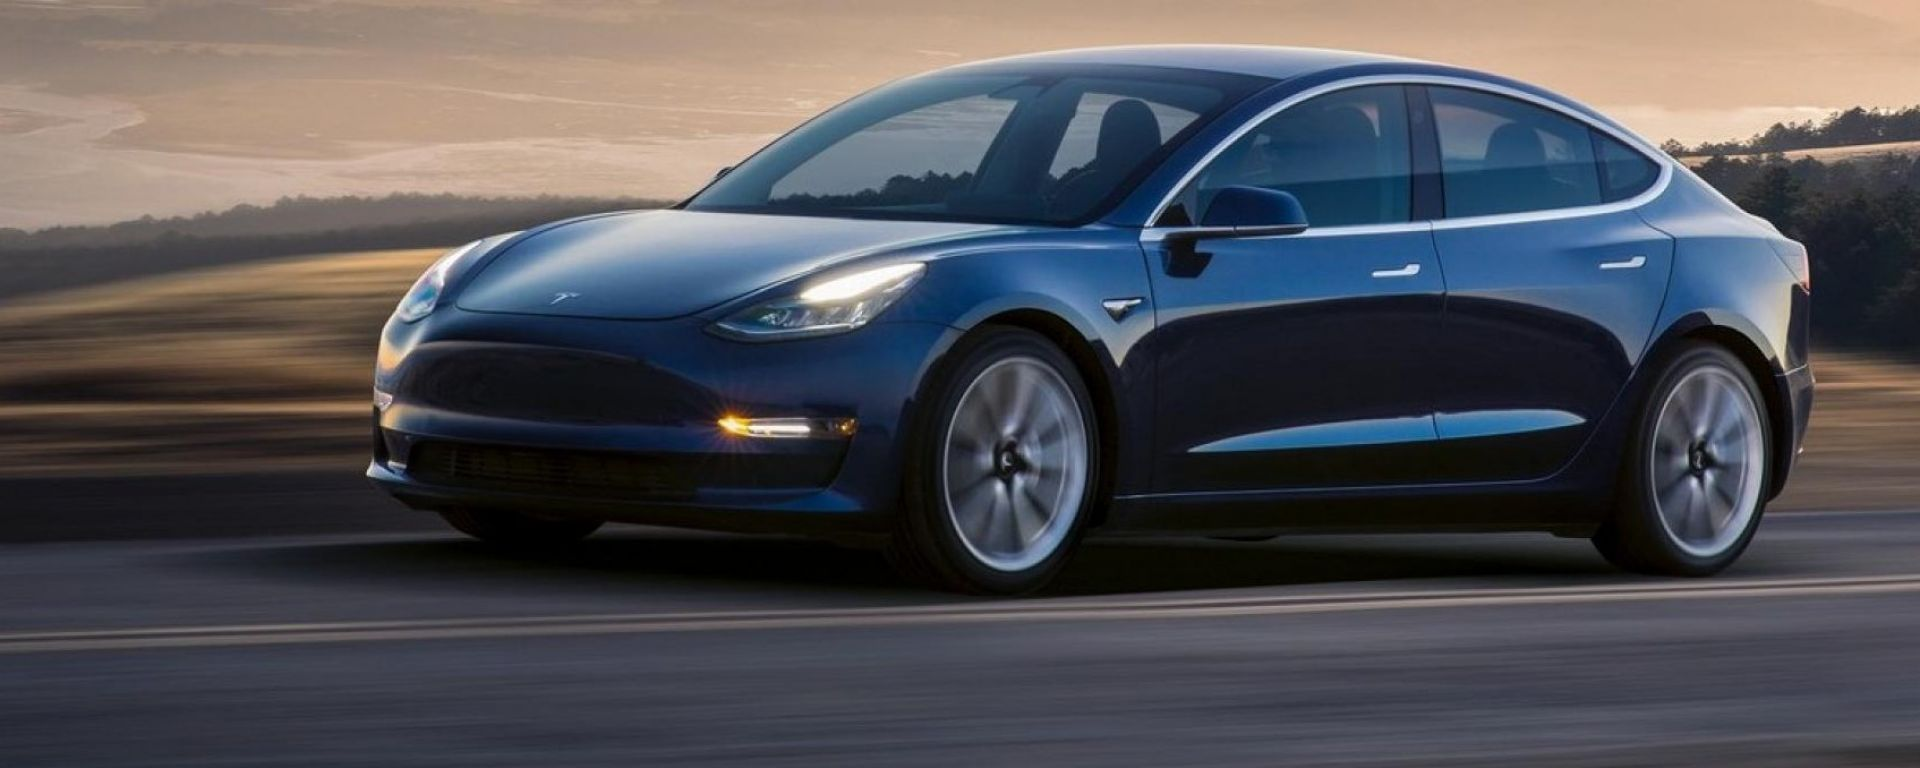 Ecobonus auto 2019: la misura definitiva cambia tutto